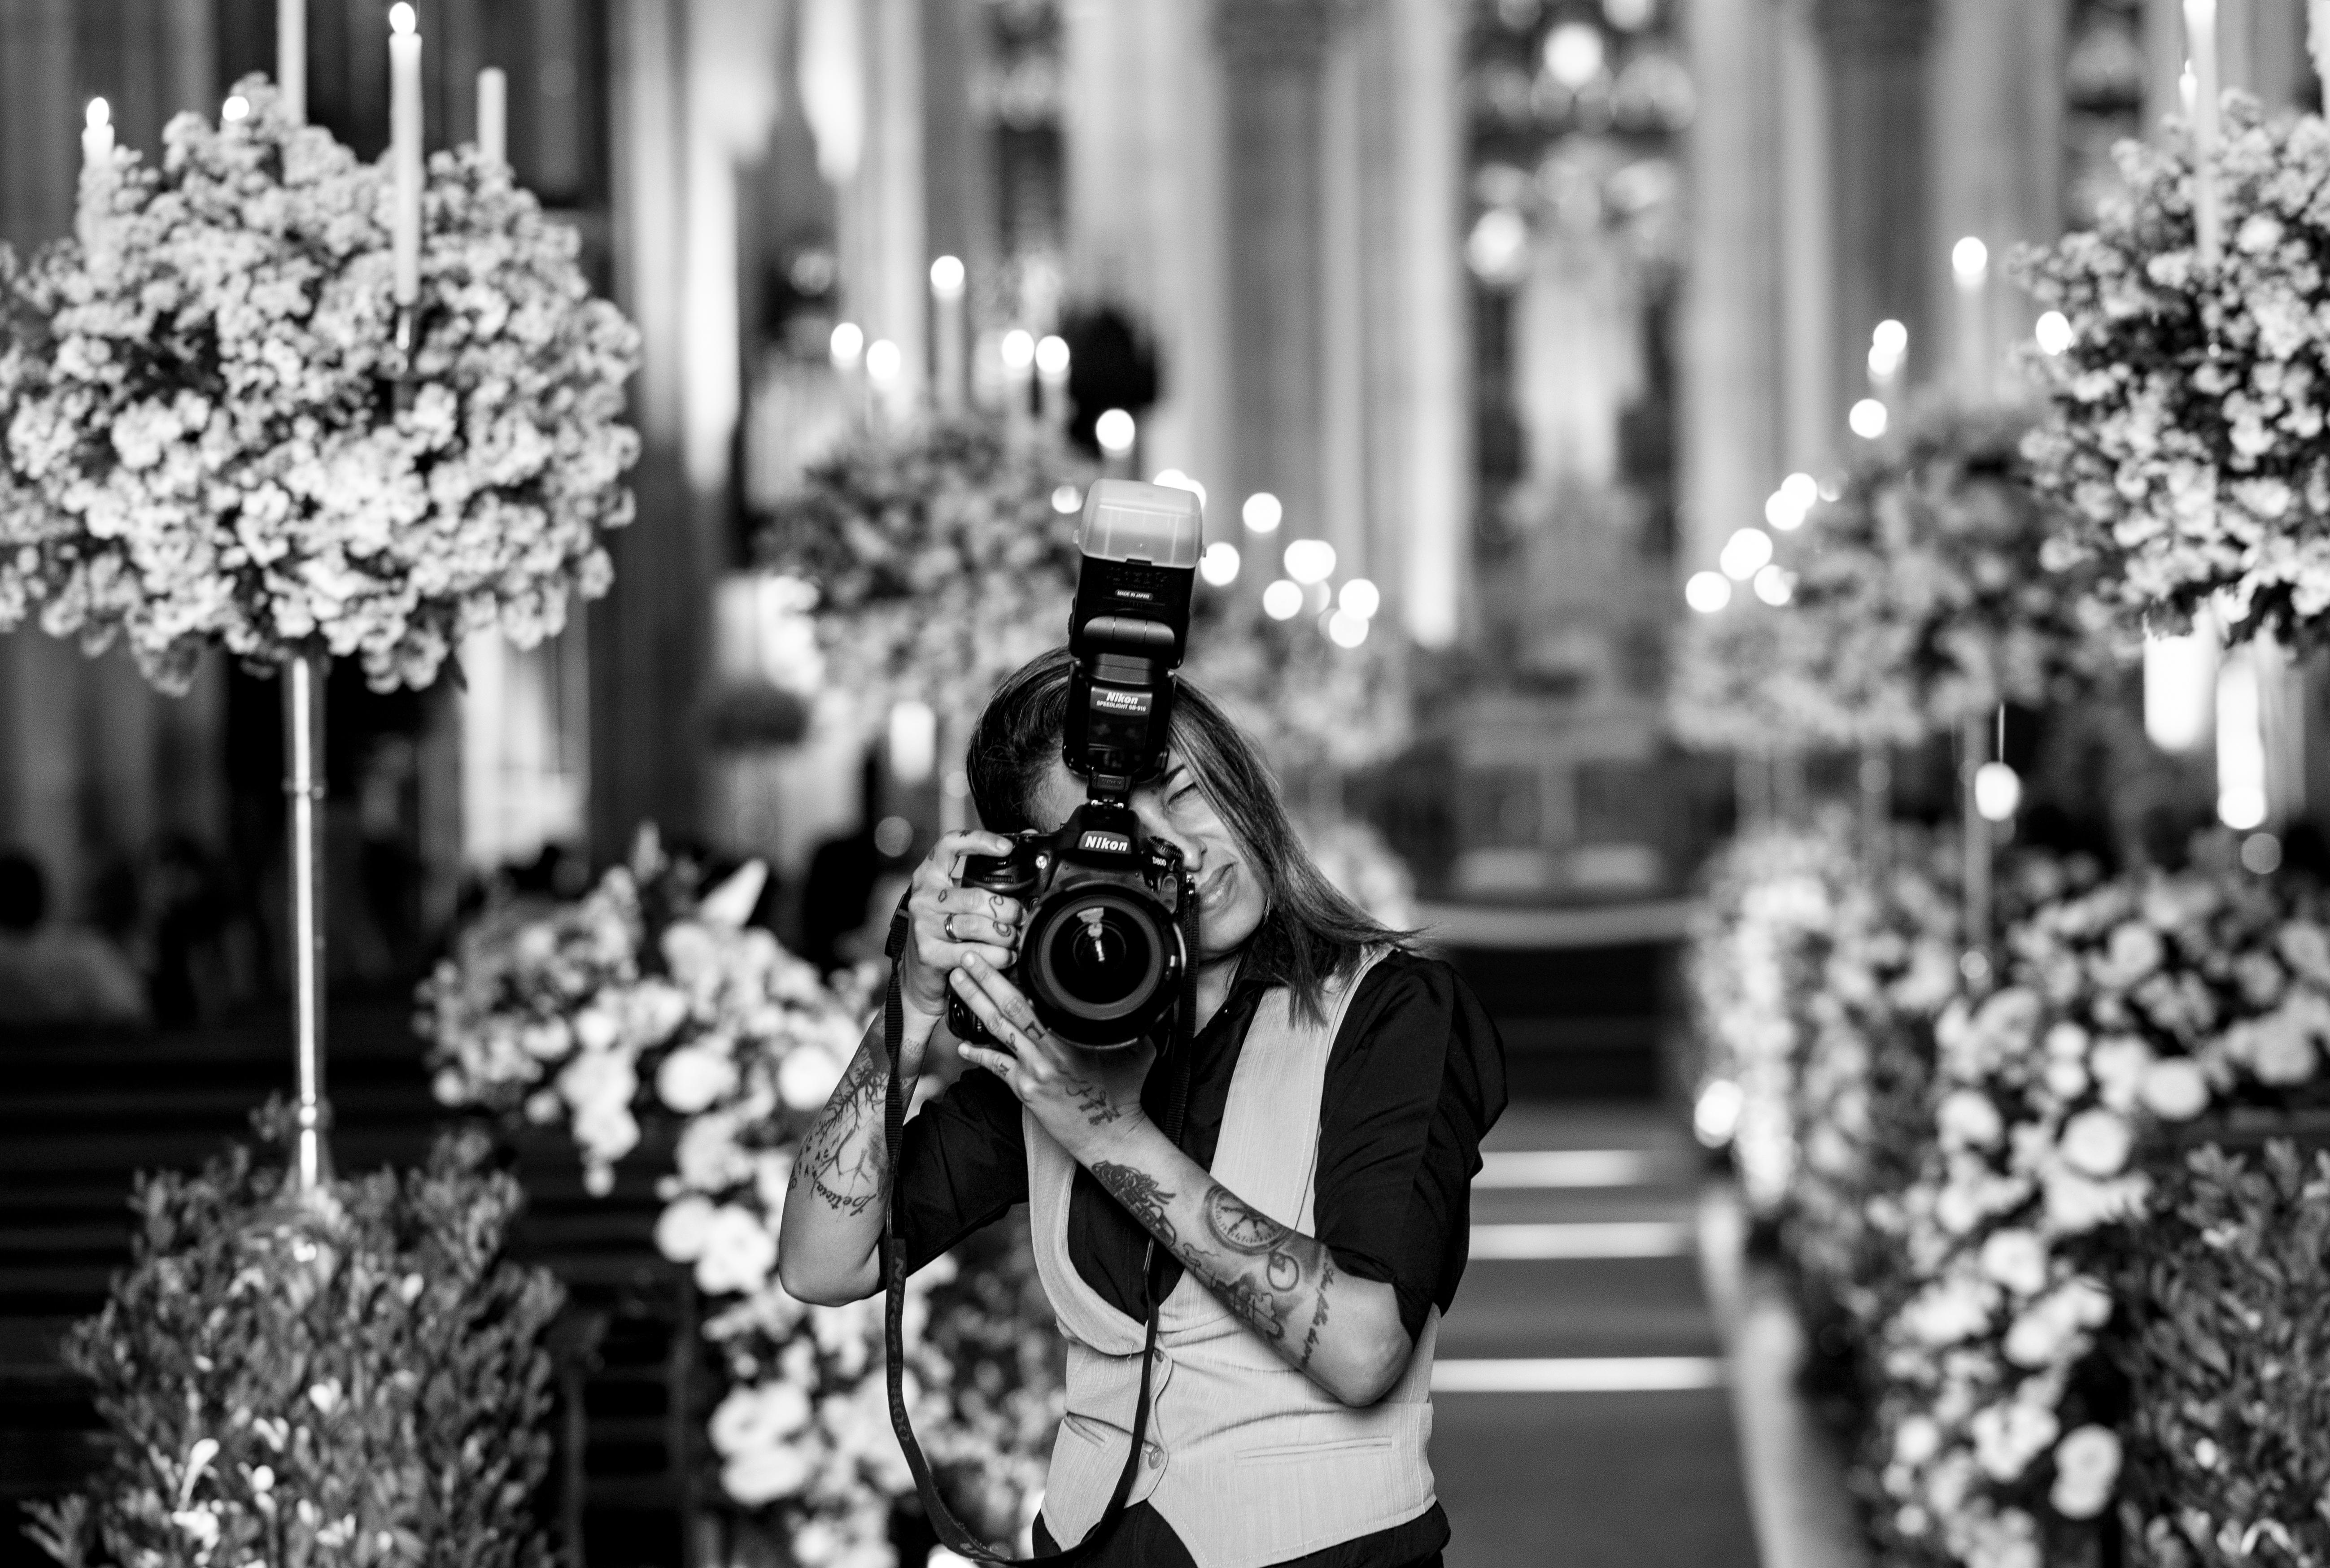 Contate Bruna Pereira Fotografia - Casamentos, Ensaios em São João de Meriti - RJ